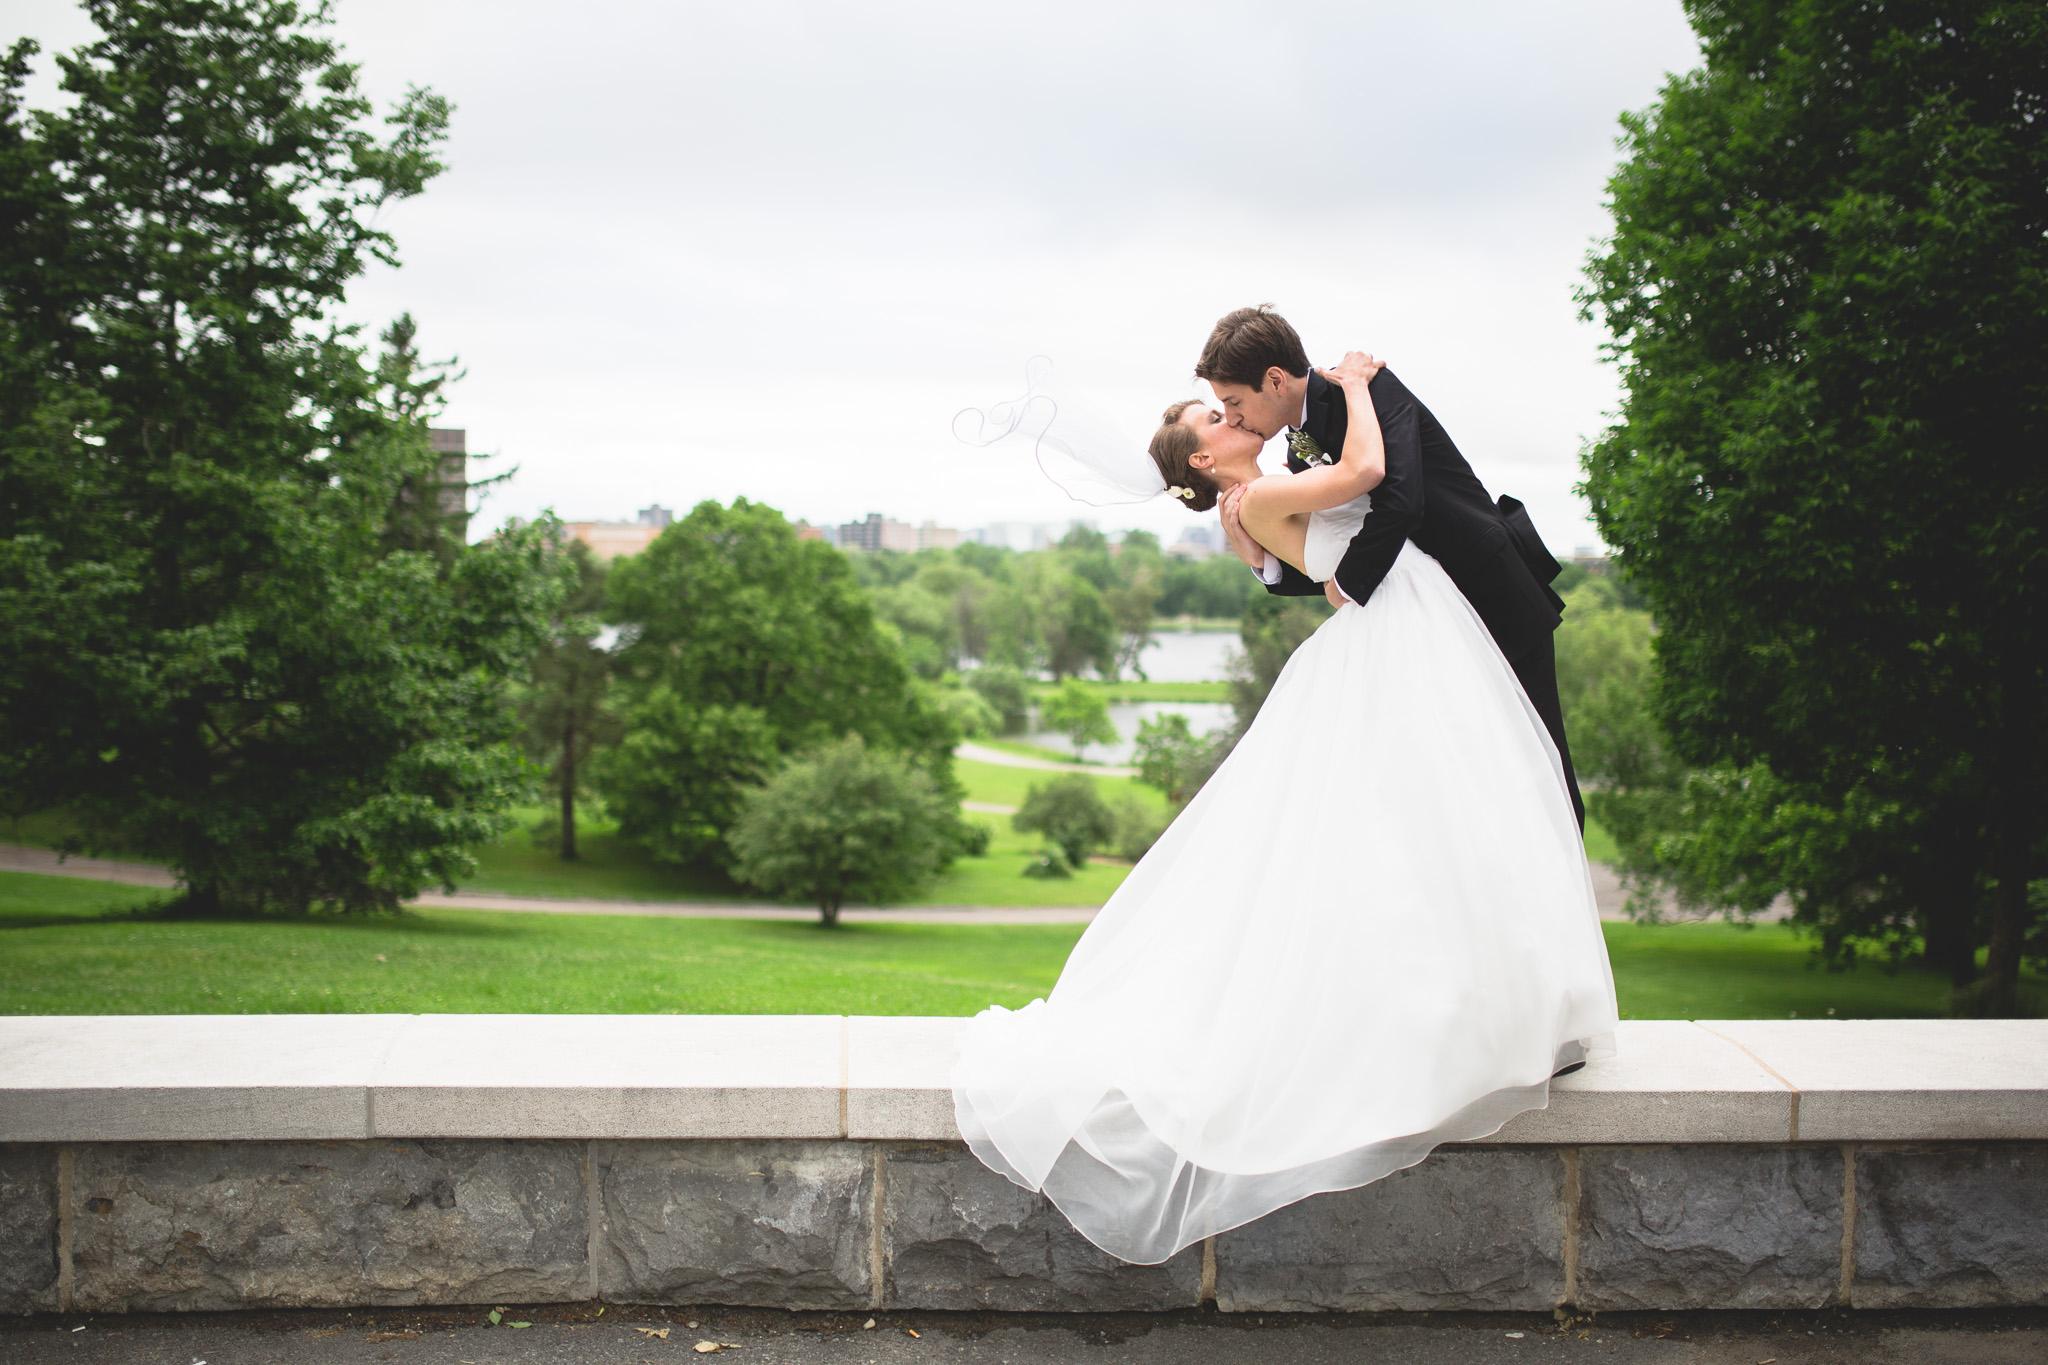 Wedding-Photos-in-the-Arboretum